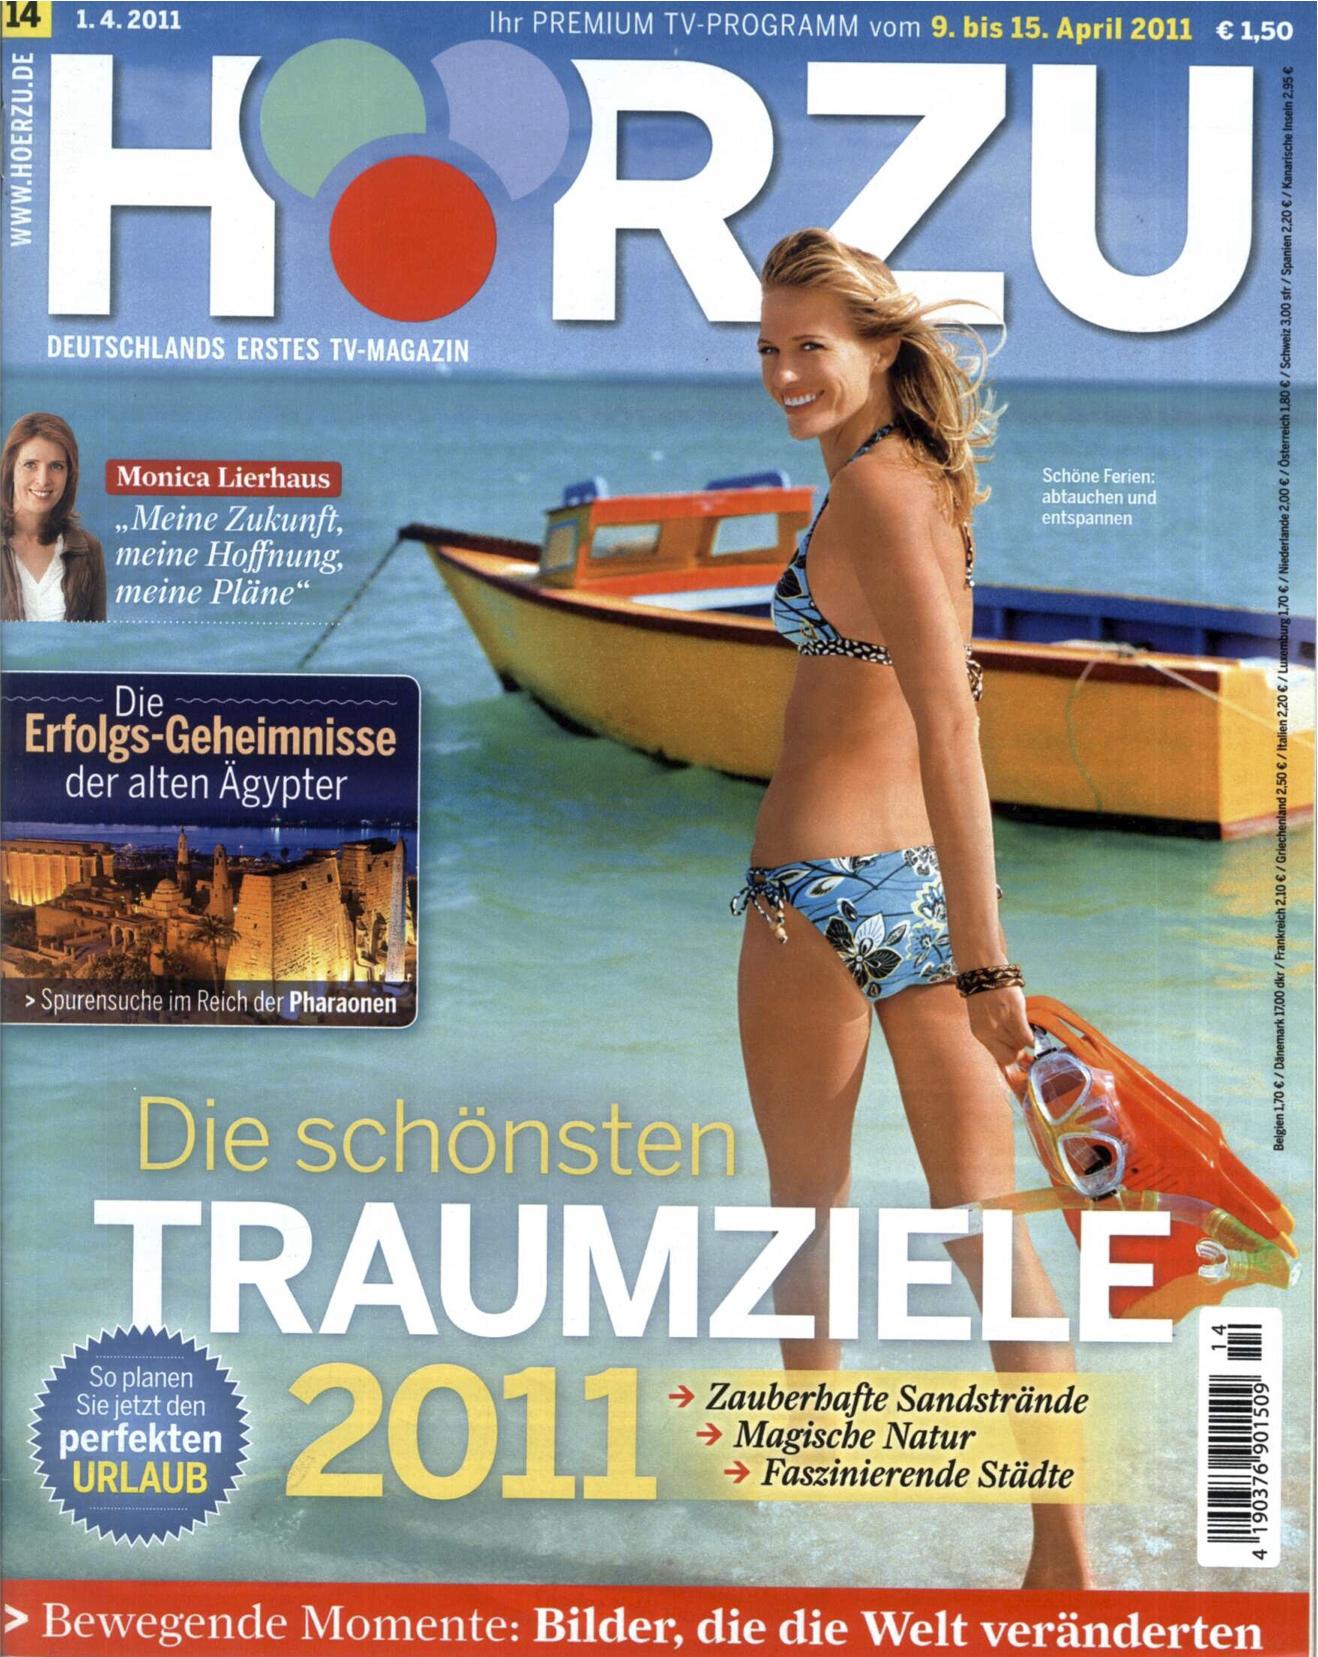 HZ_1.4.2011_Cover.jpg